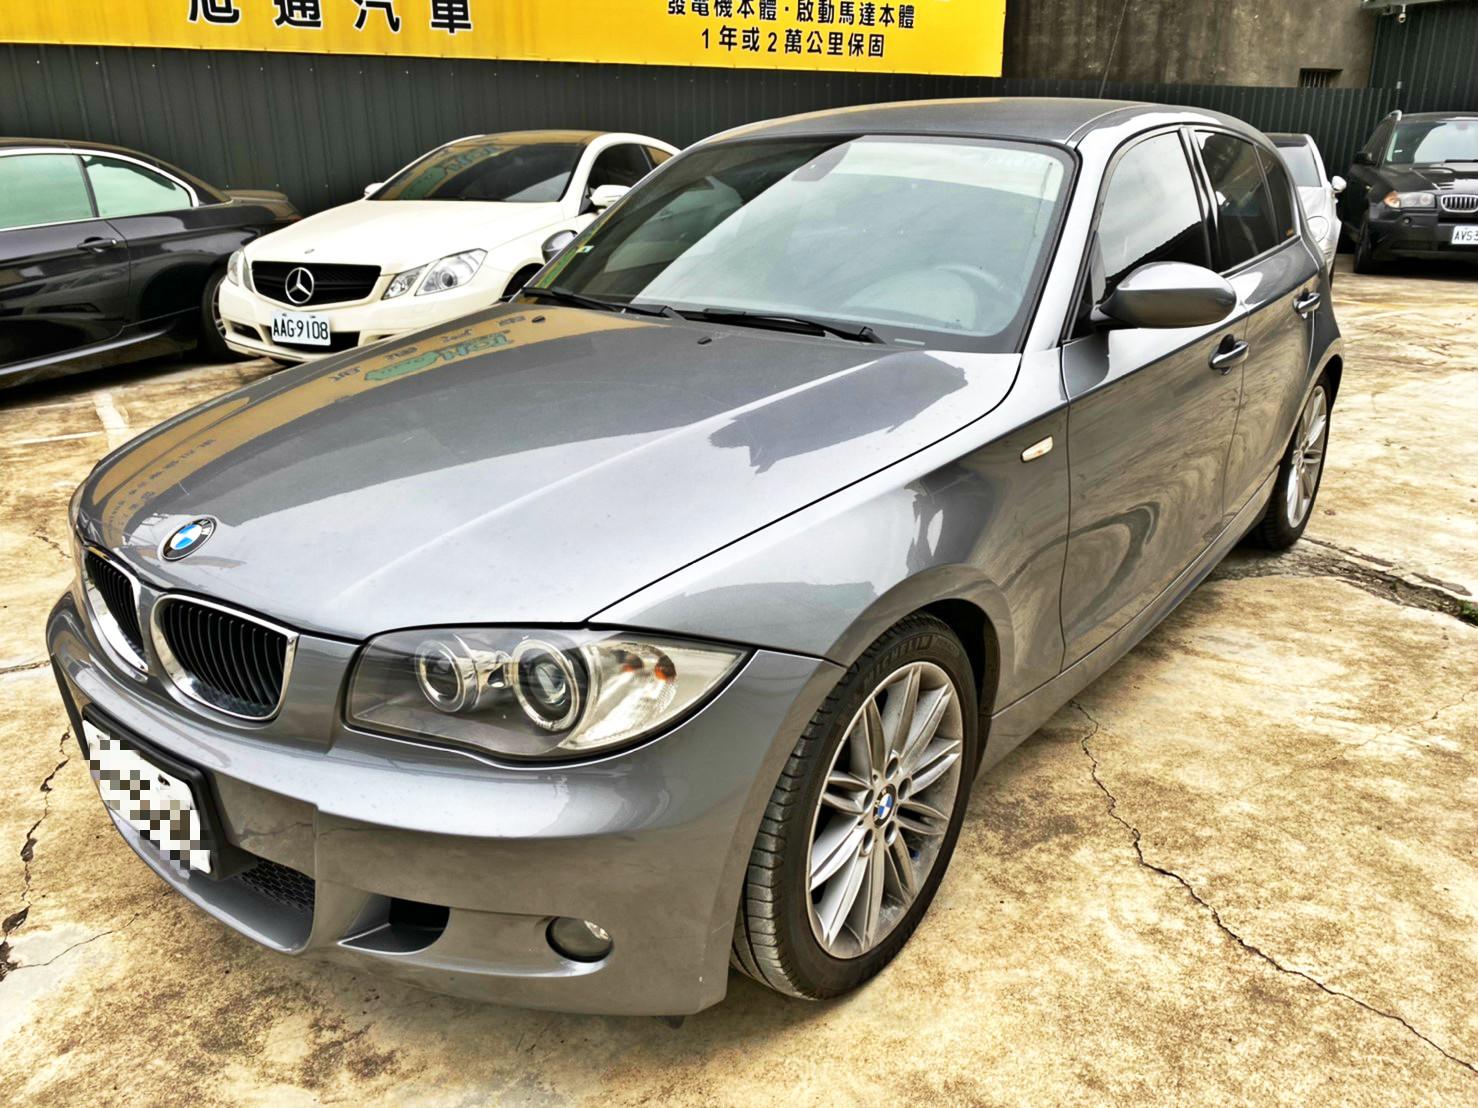 2008 BMW 寶馬 1 series